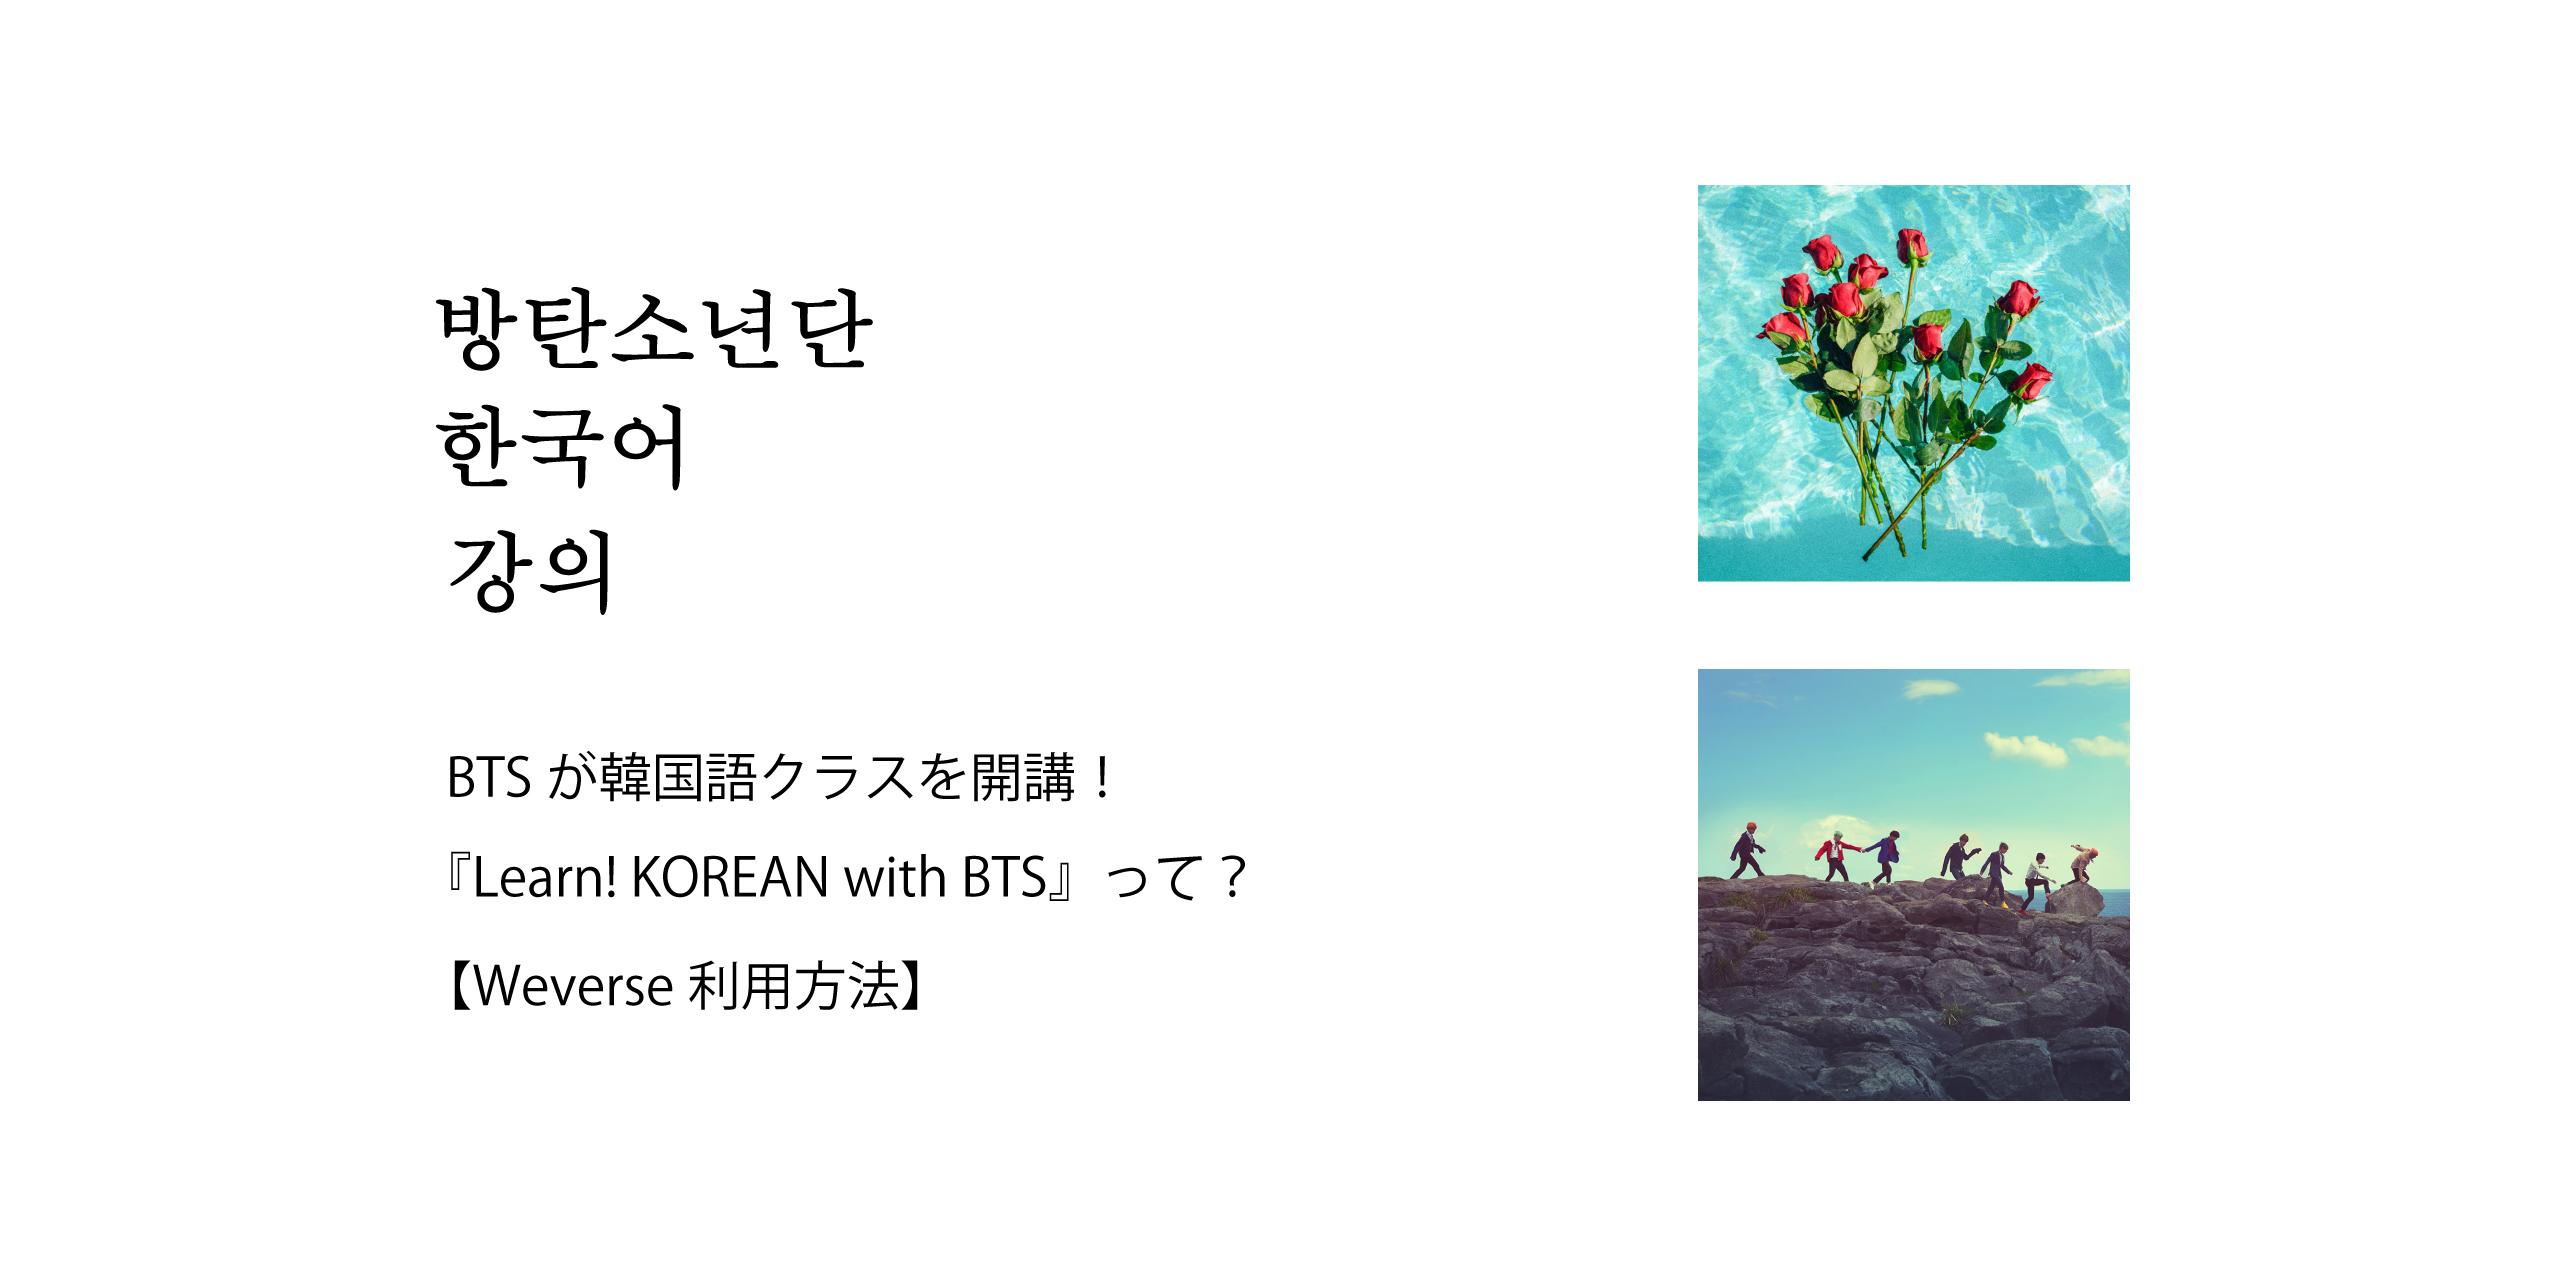 韓国 教材 Bts 語